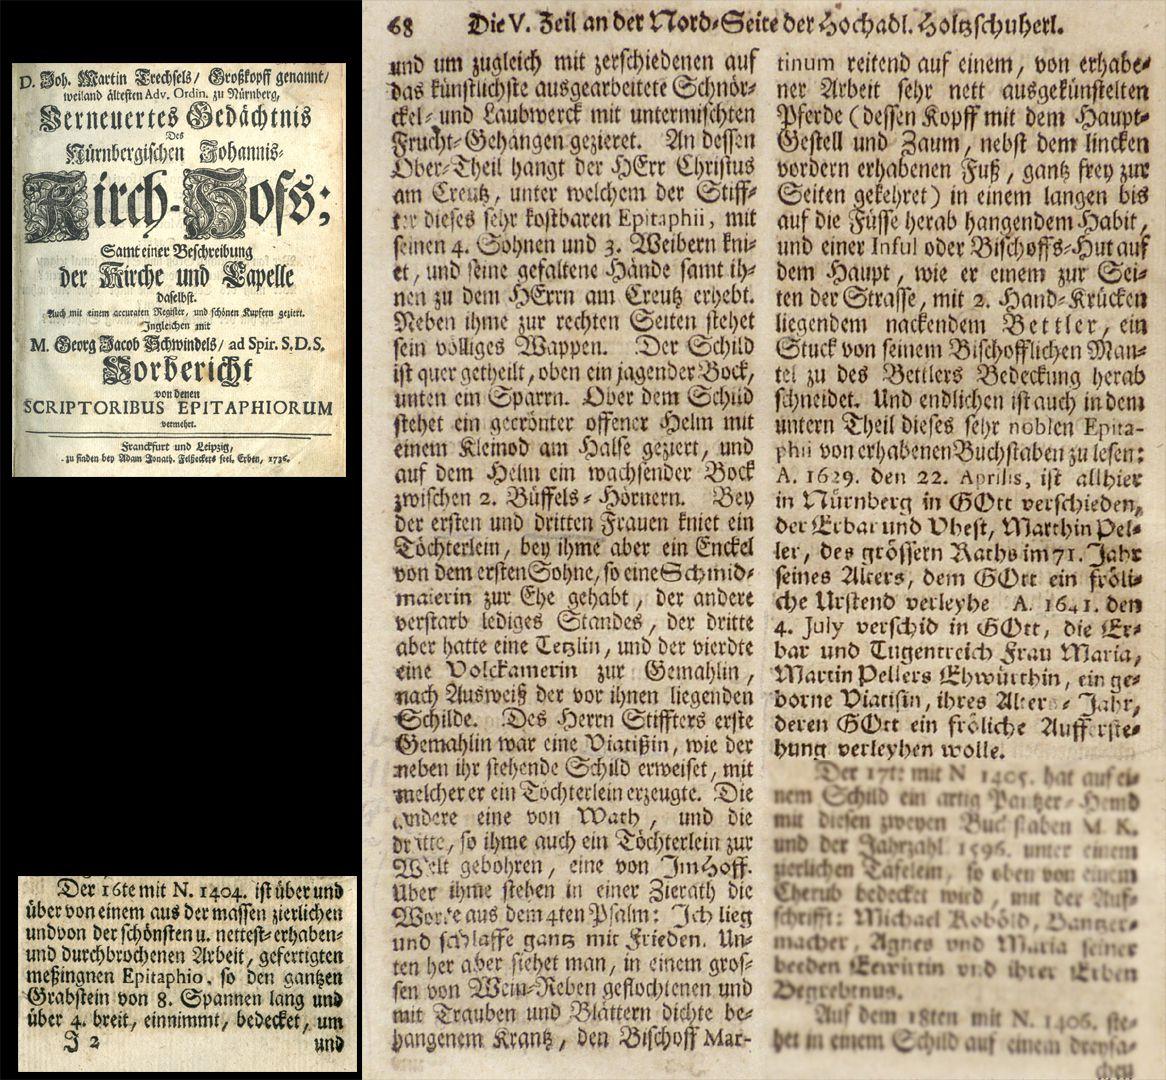 """Epitaph des Martin Peller (gest. 1629) und Ehefrau Maria Viatis (gest. 1641) Auszug aus Joh. Martin Trechsels, Großkopf genannt: """"Verneuertes Gedächtnis des nürnbergischen Johannis Kirch Hof ..."""" , Franckf. & Leipzig 1735"""